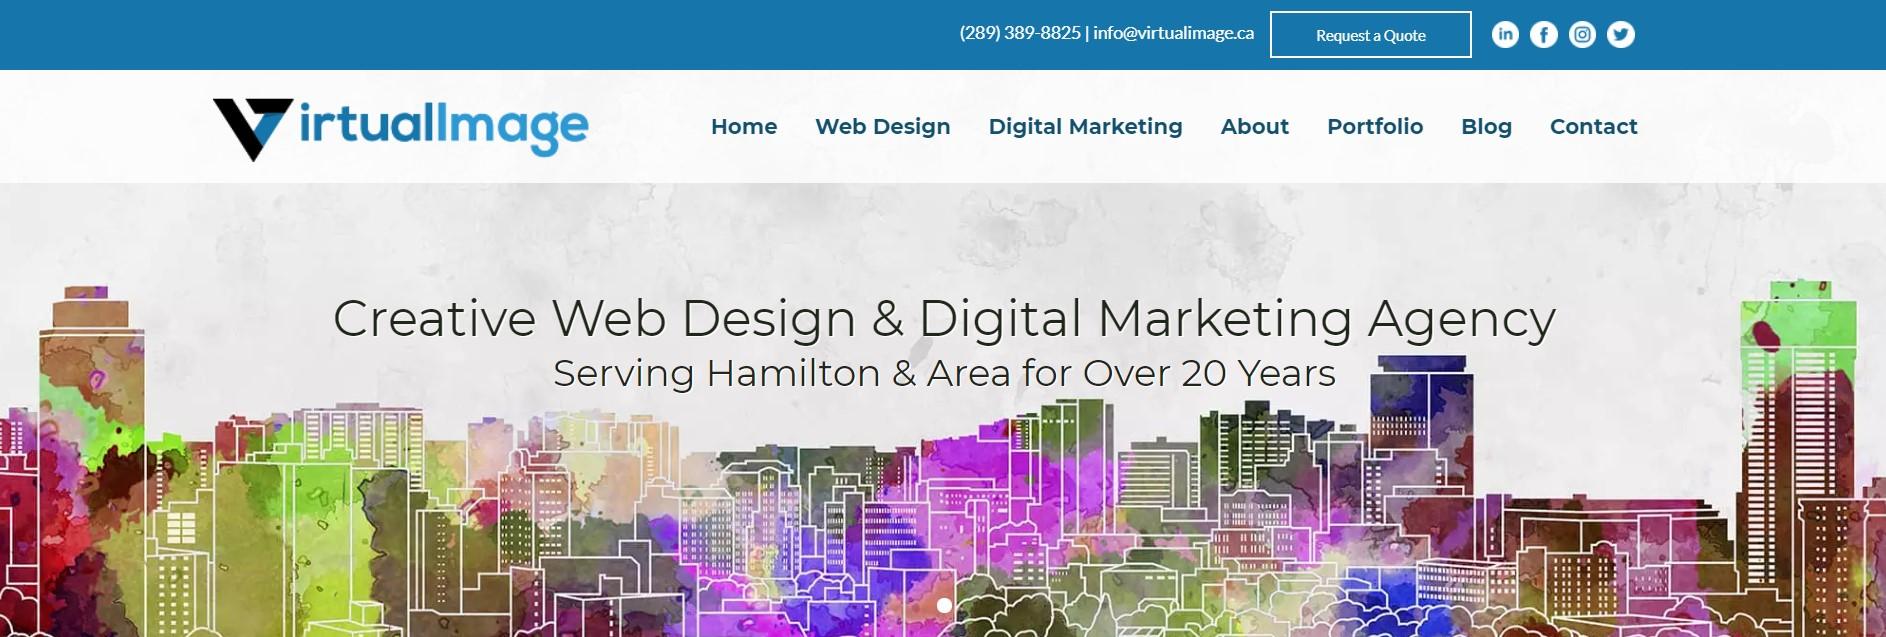 virtual image web developer in hamilton